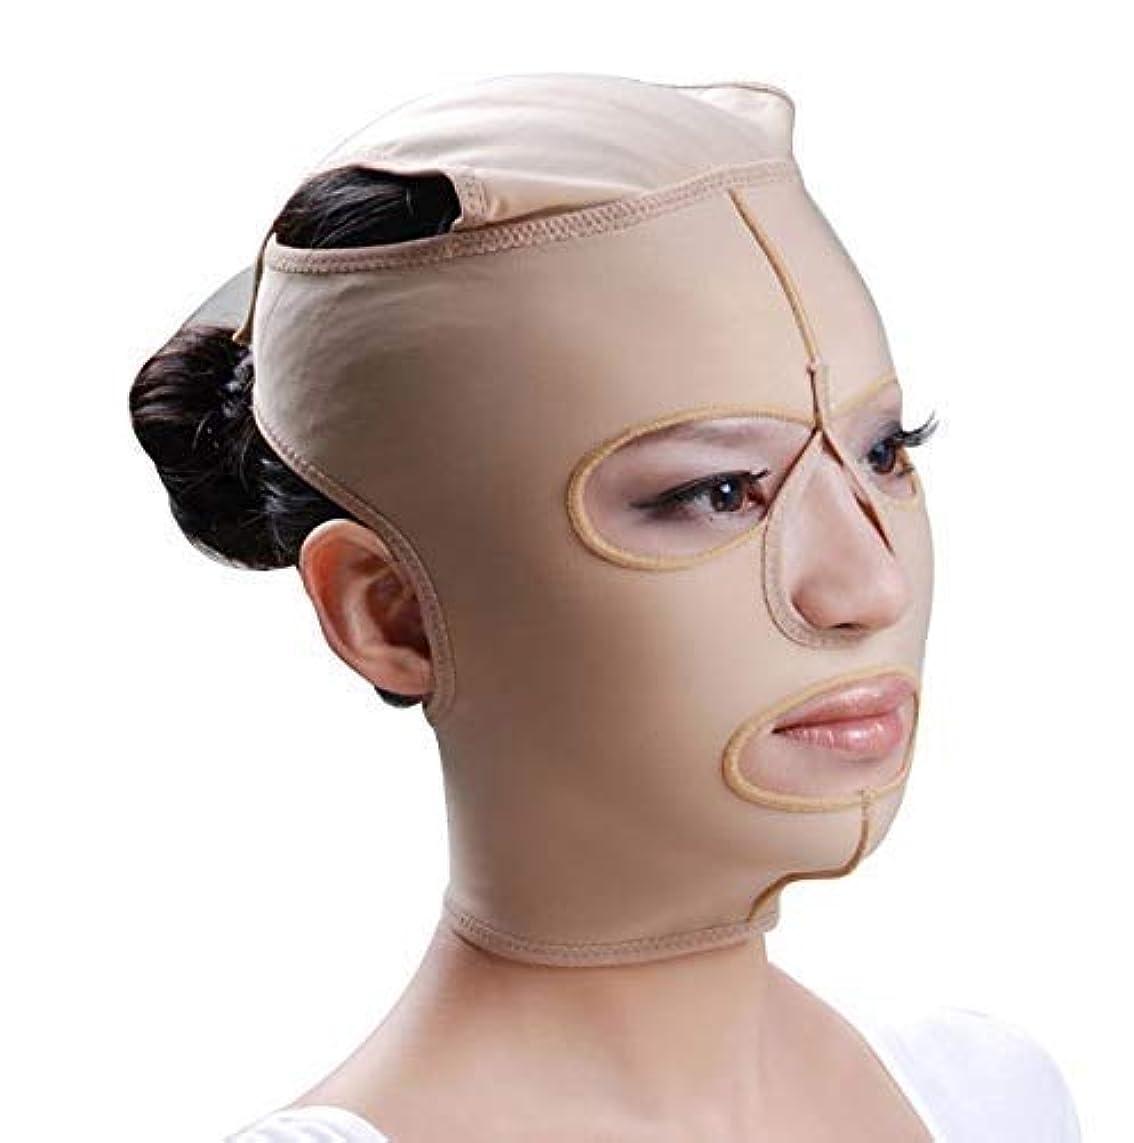 オーチャード貢献愛国的なファーミングフェイスマスク、フェイシャルマスク弾性フェイスリフティングリフティングファーミングパターンマイクロフィニッシングポストモデリングコンプレッションフェイスマスク(サイズ:S)